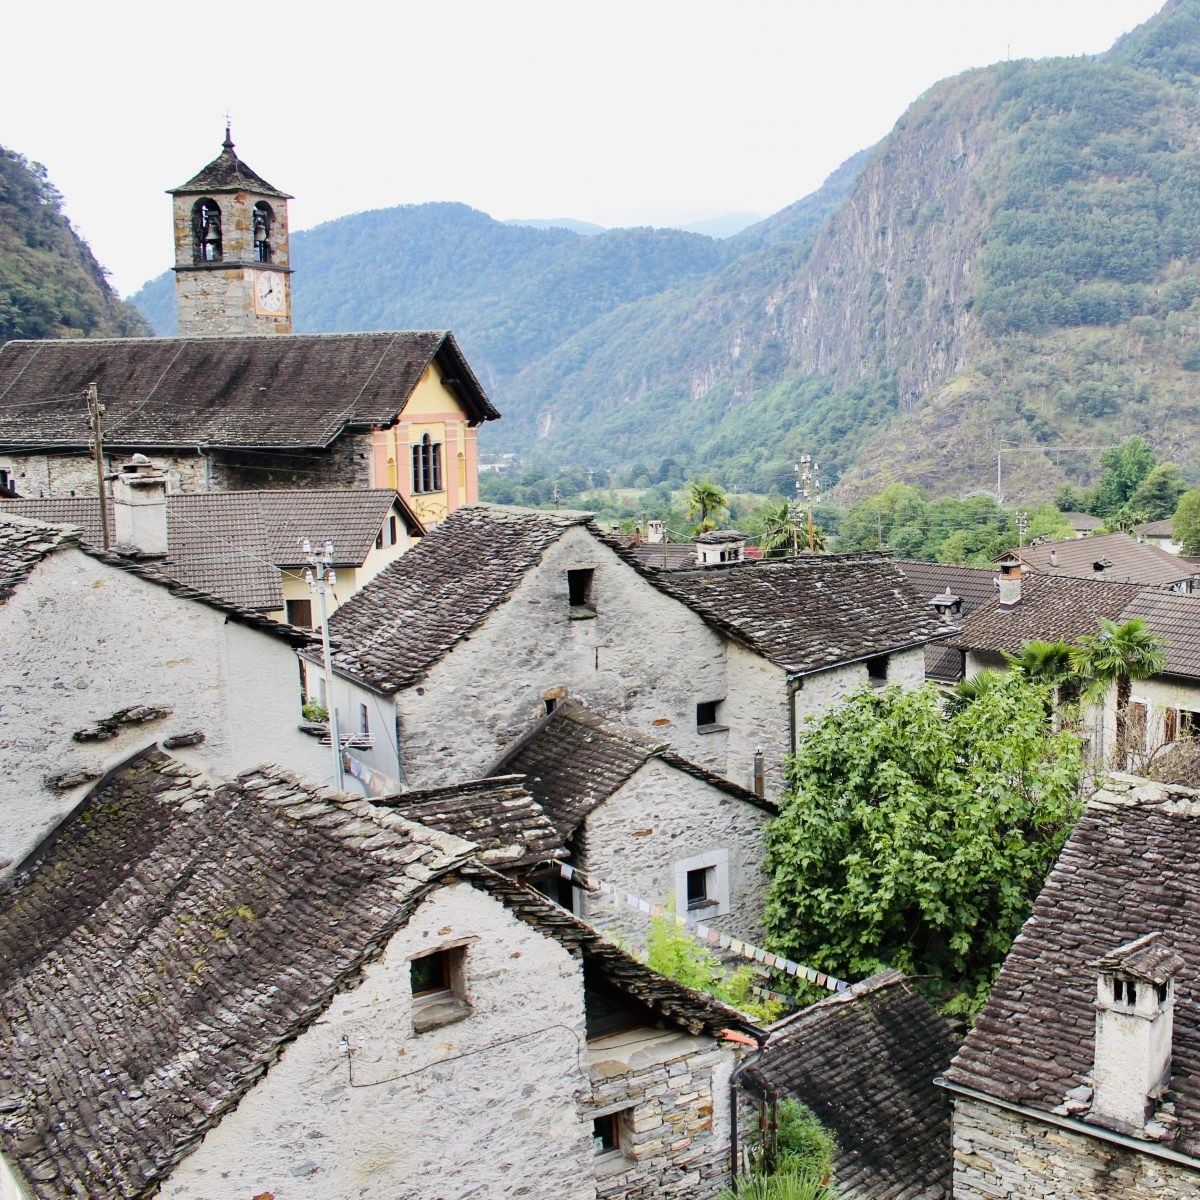 Zicht vanuit mijn dakraampje op het eeuwenoude dorpje. En de wat luidruchtige kerk.